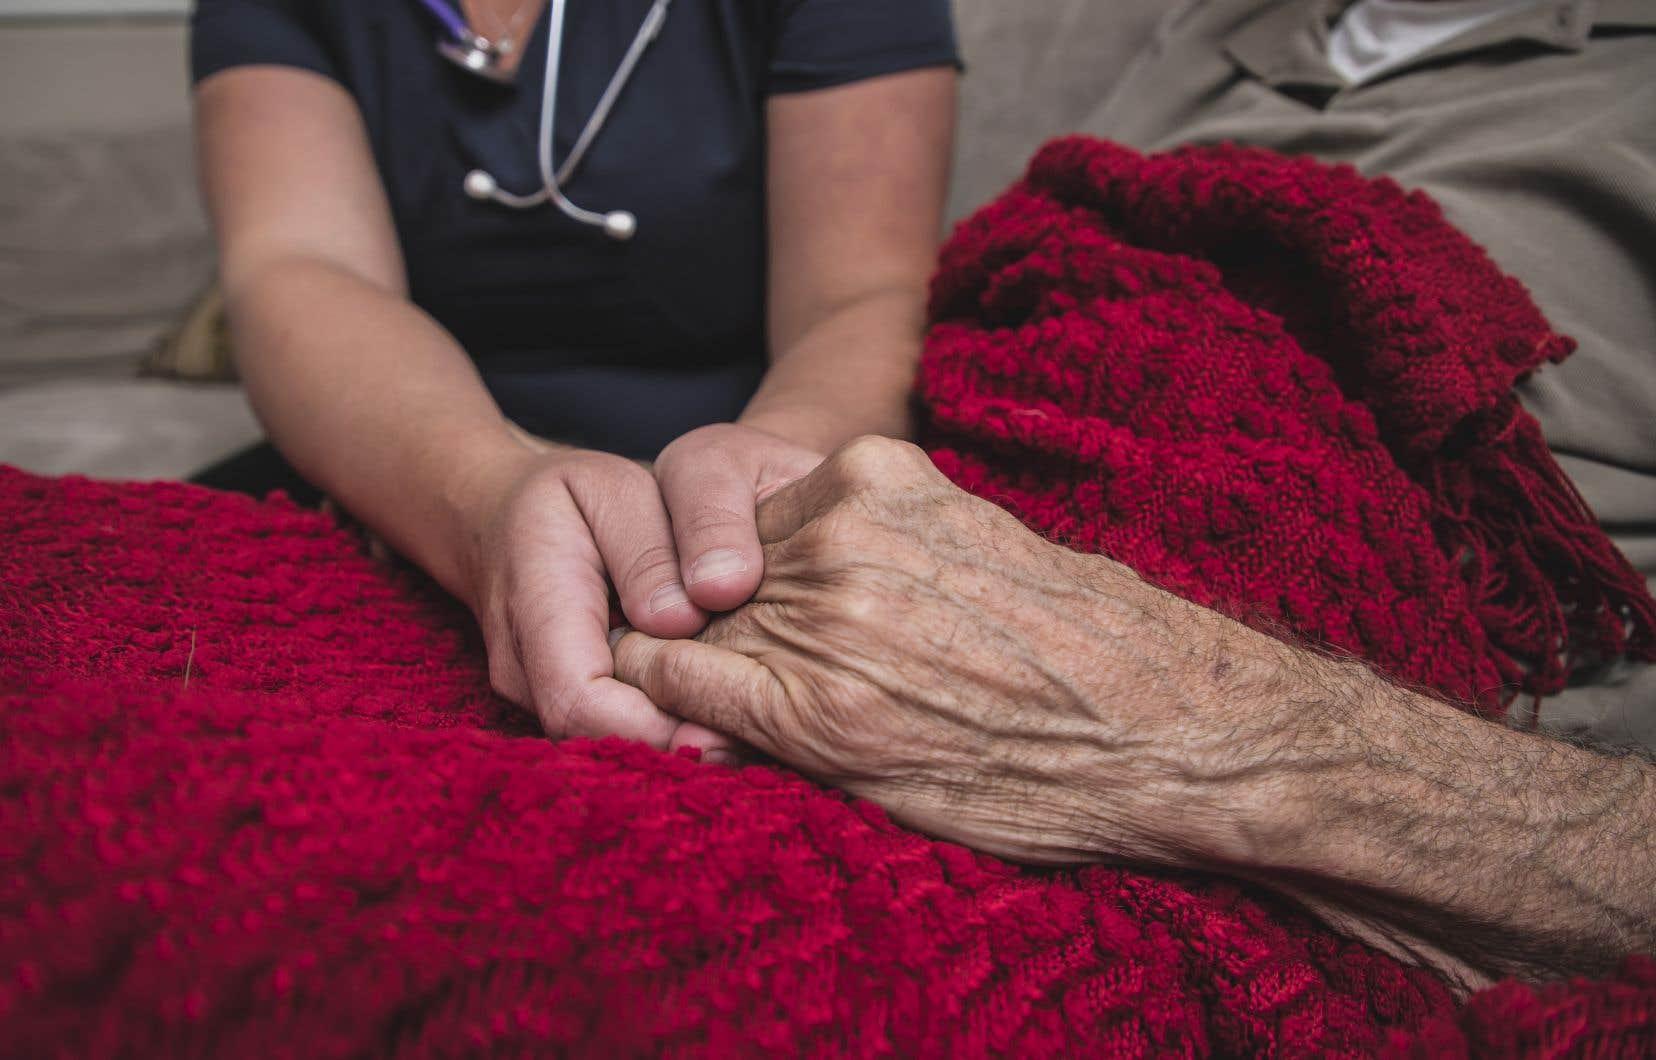 Les Québécois demandant l'aide médicale à mourir doivent obtenir l'avis favorable de deux médecins, en vertu de la Loi concernant les soins de fin de vie.